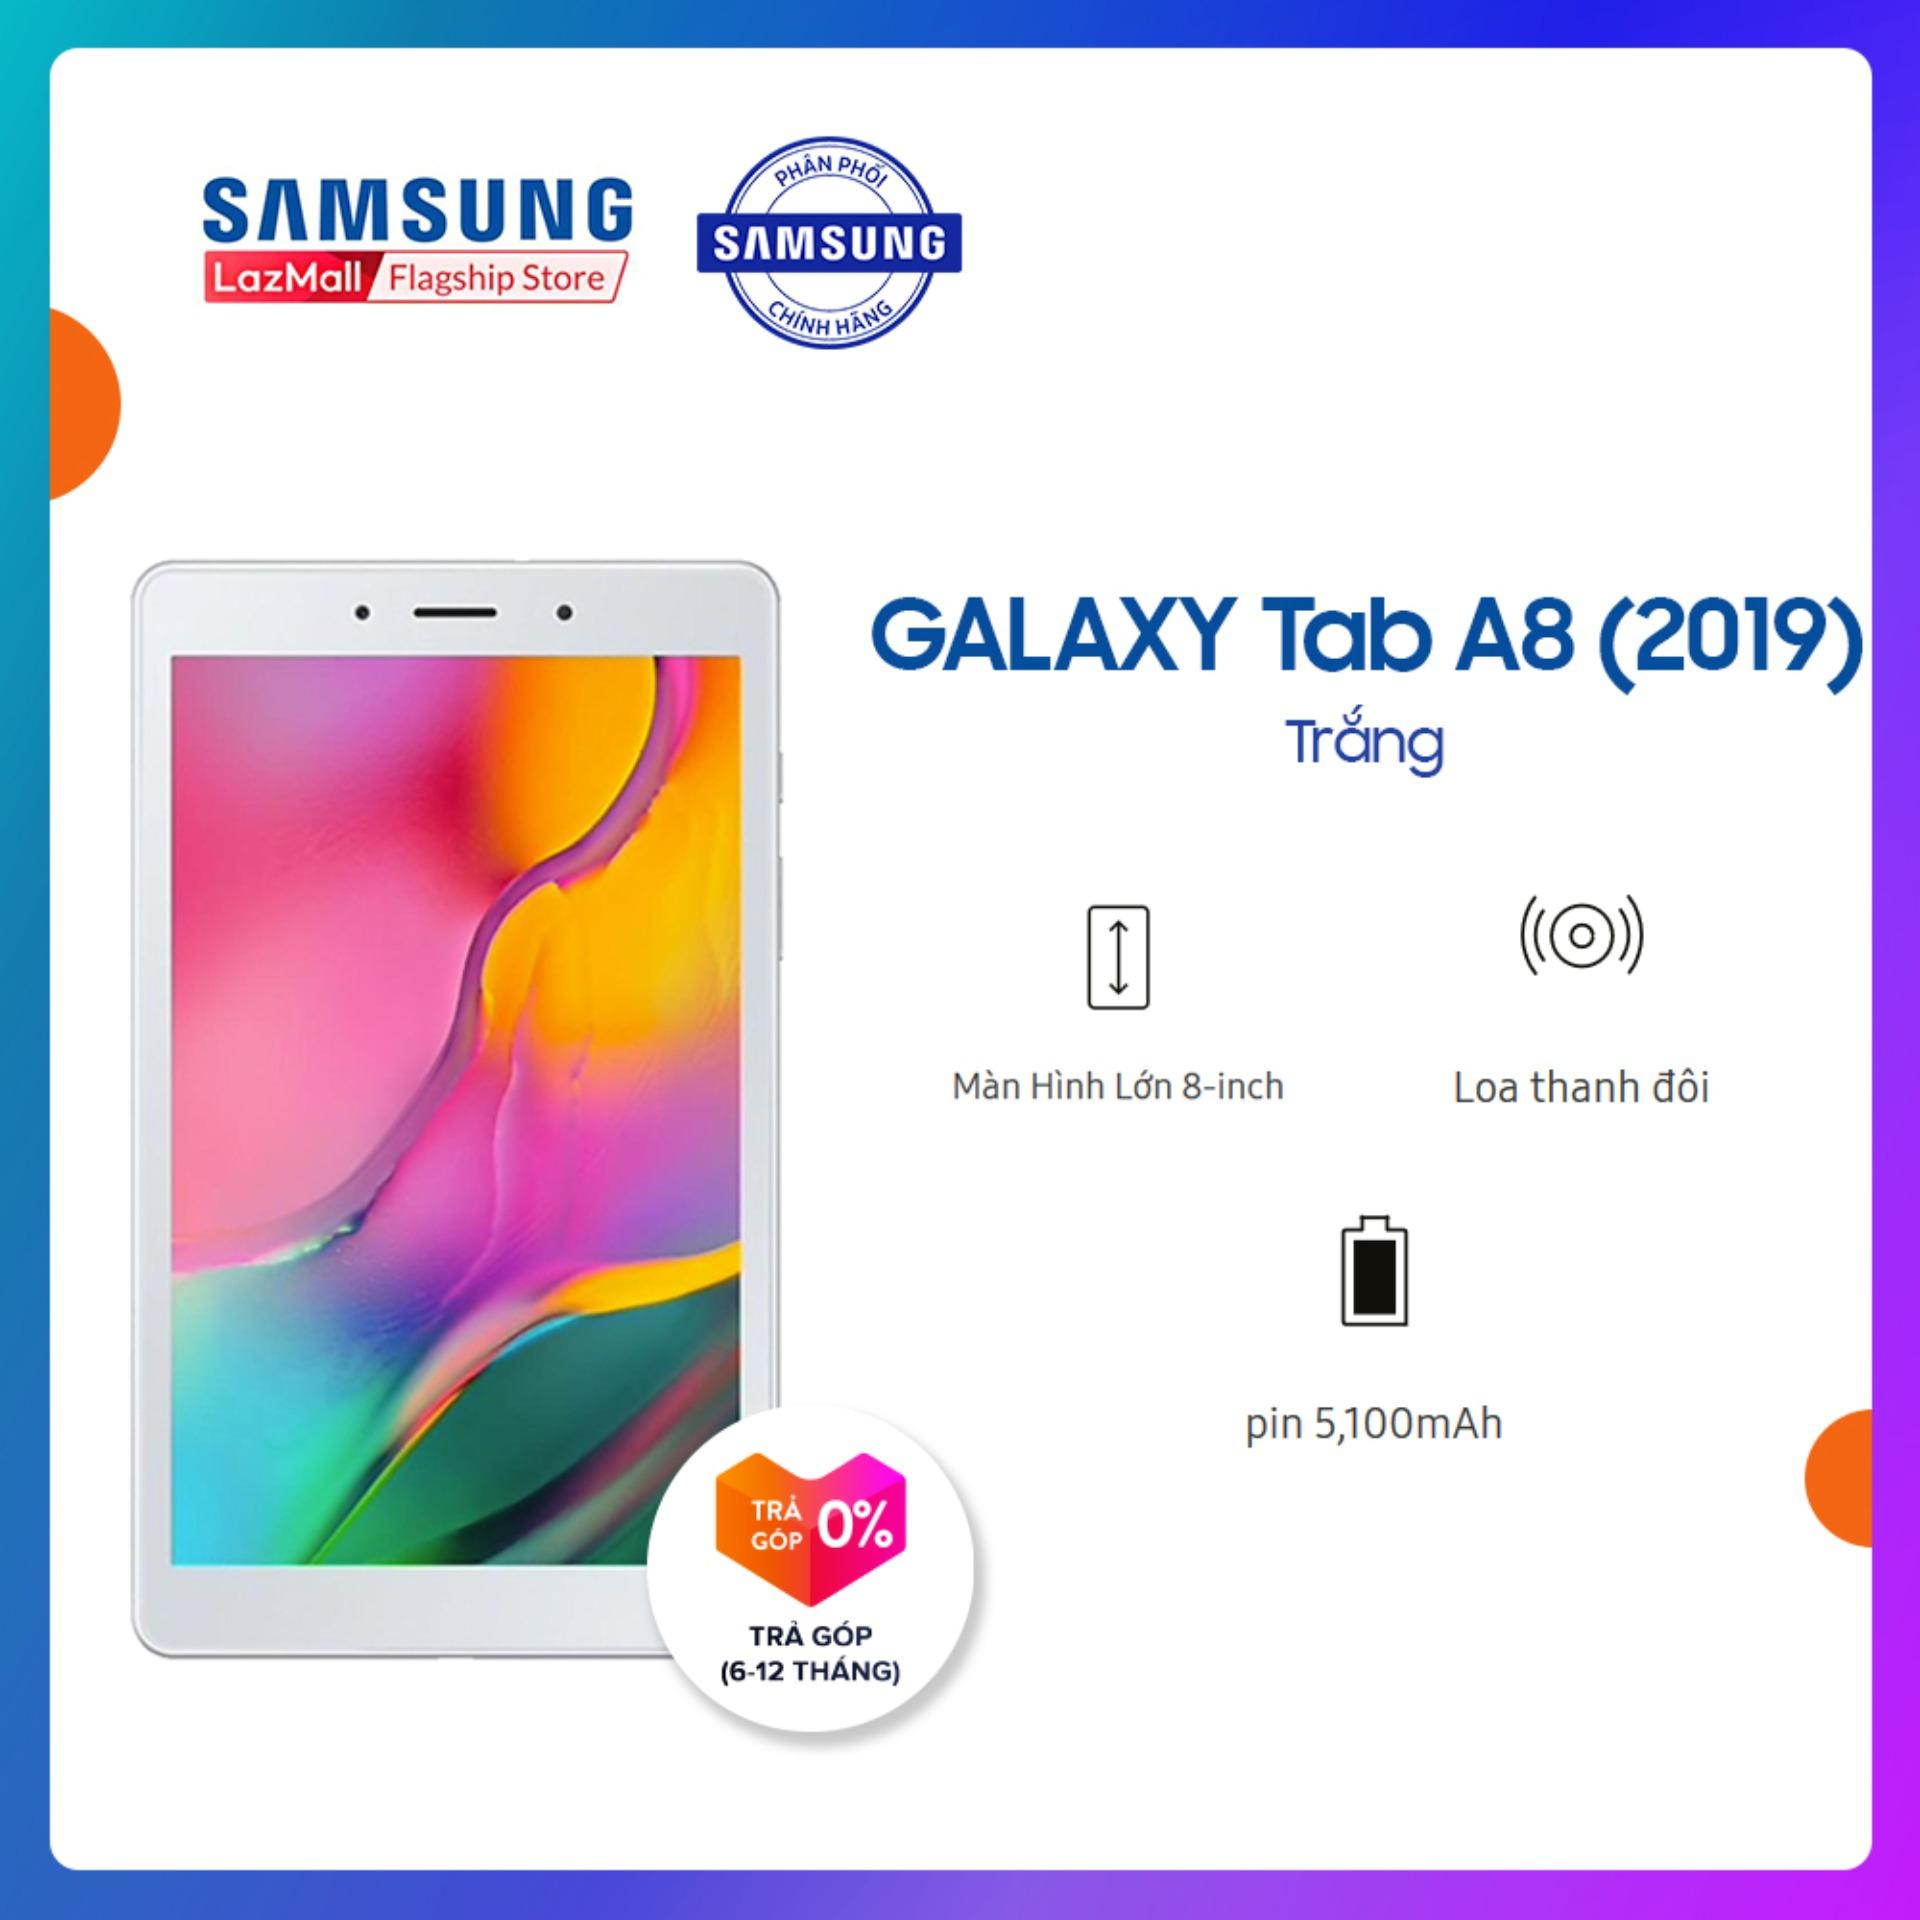 Offer Khuyến Mãi Máy Tính Bảng Galaxy Tab A SM-T295 32GB (2GB RAM) 2019 - Màn Hình 8 Inch, Tỷ Lệ 16:10 Full HD + Trọng Lượng Chỉ 347g Mỏng Nhẹ + Hỗ Trợ Thẻ Nhớ đến 512GB + Pin 5100 MAh - Hàng Phân Phối Chính Hãng.